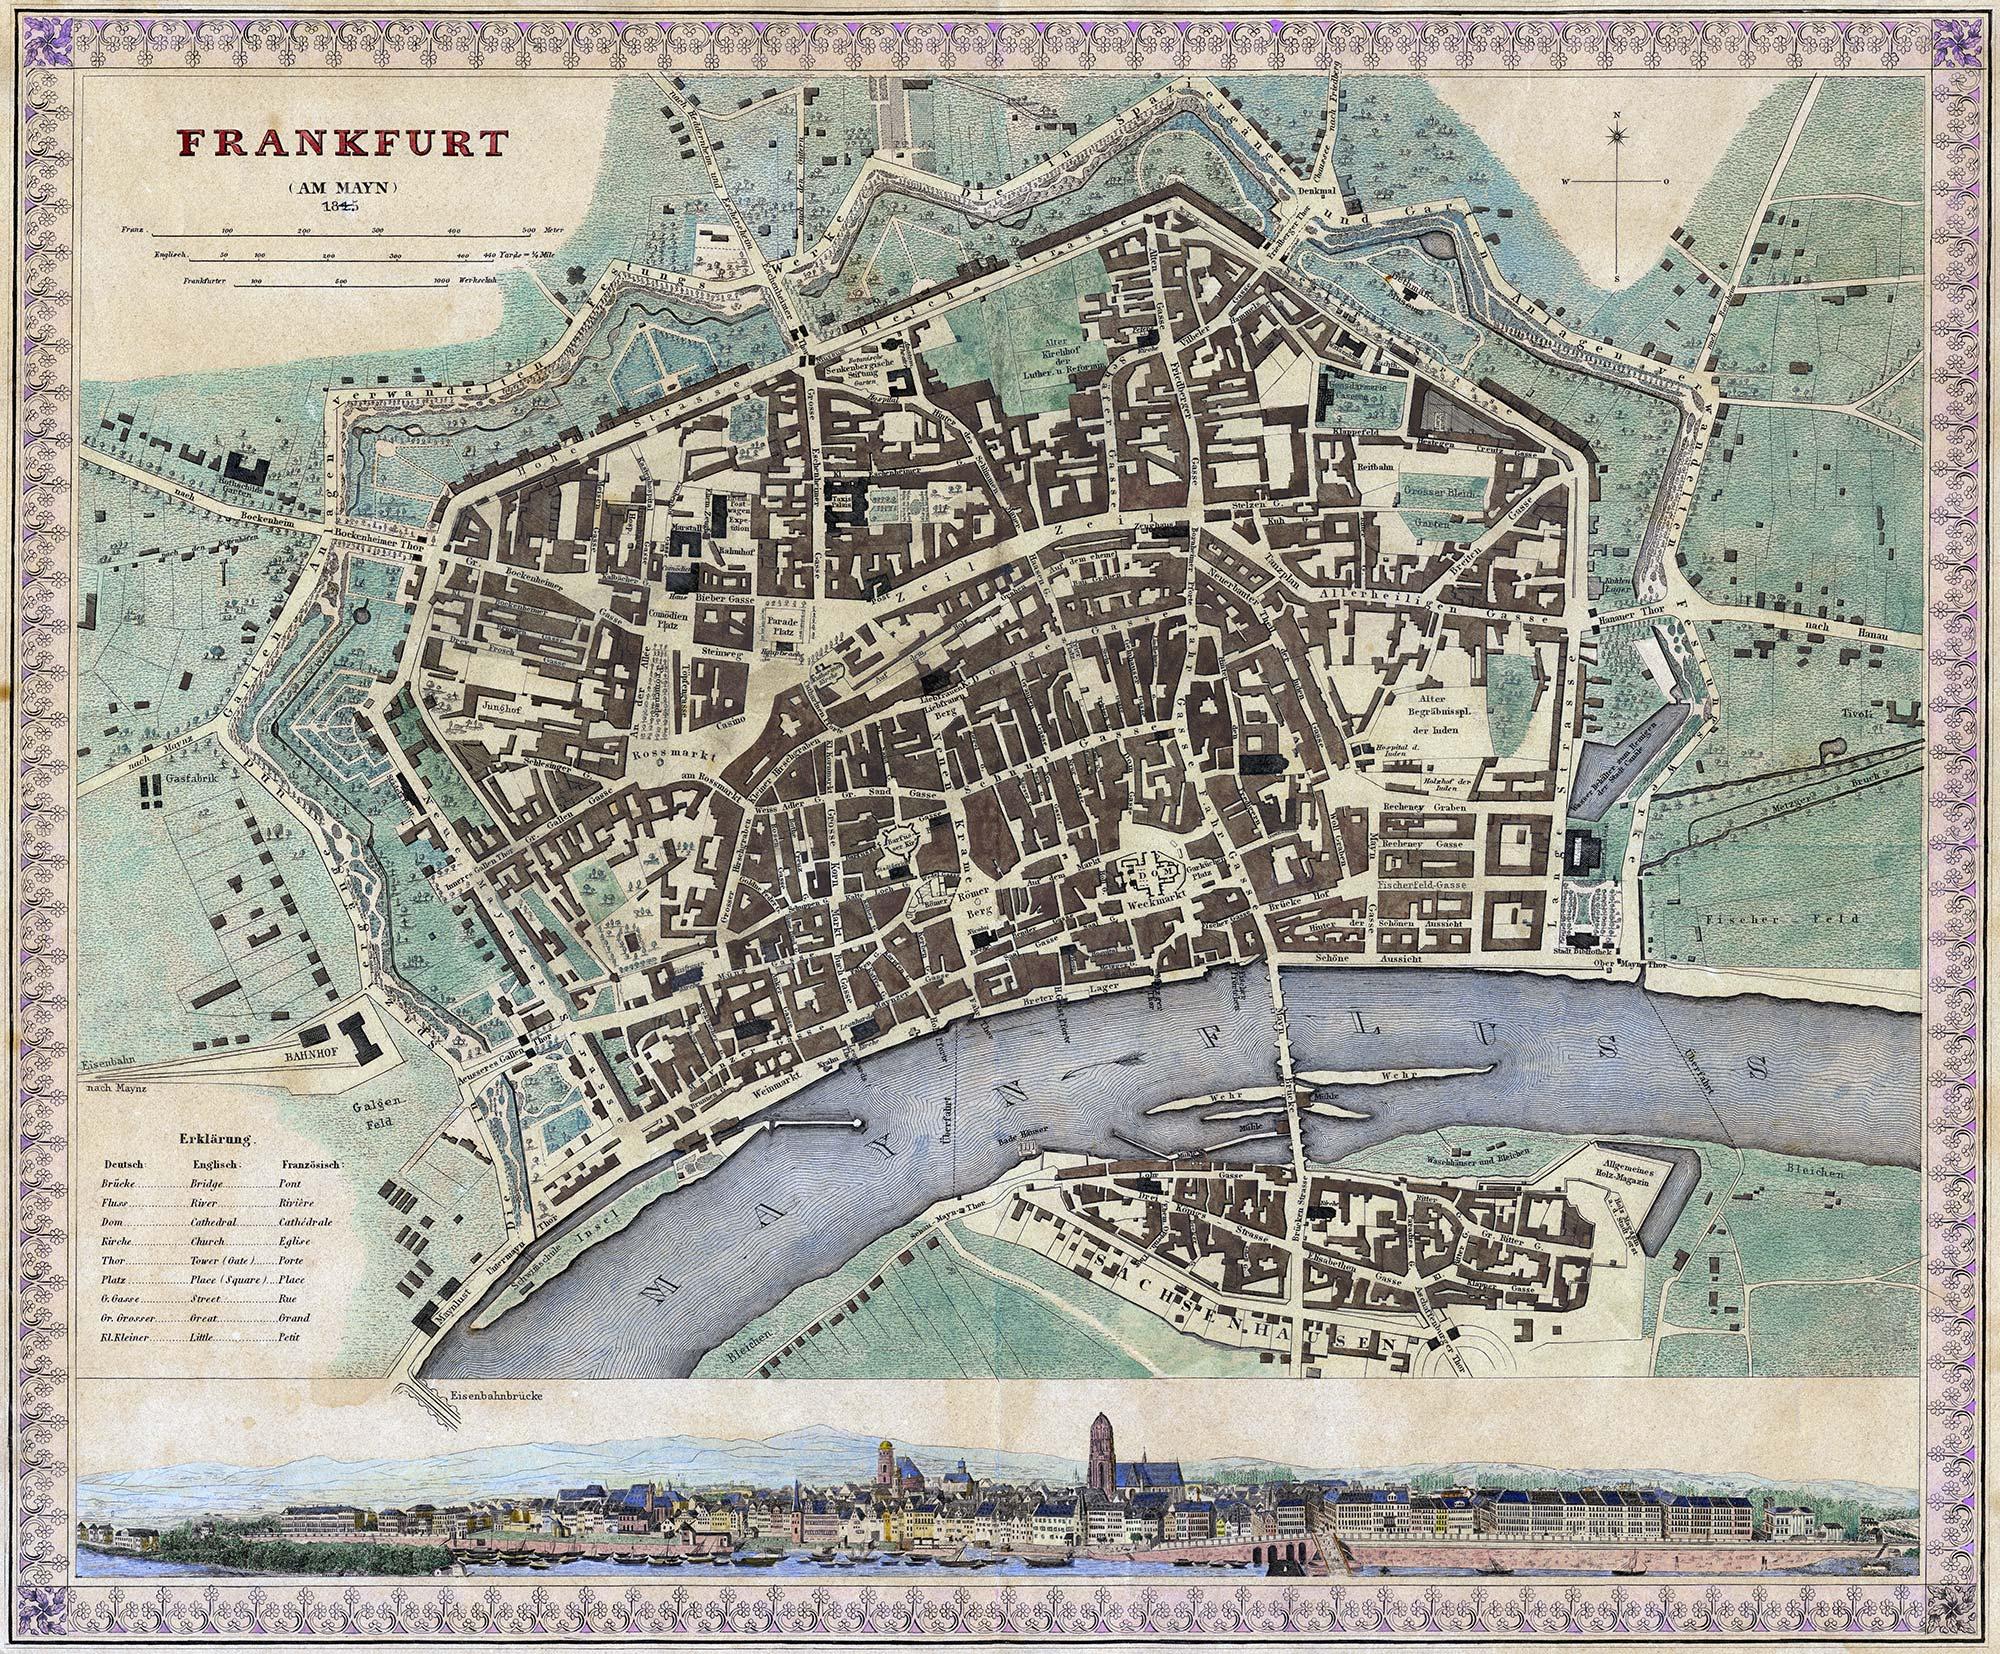 Freie Stadt Frankfurt - Frankfurt am Mayn - Frankfurt am Main 1845